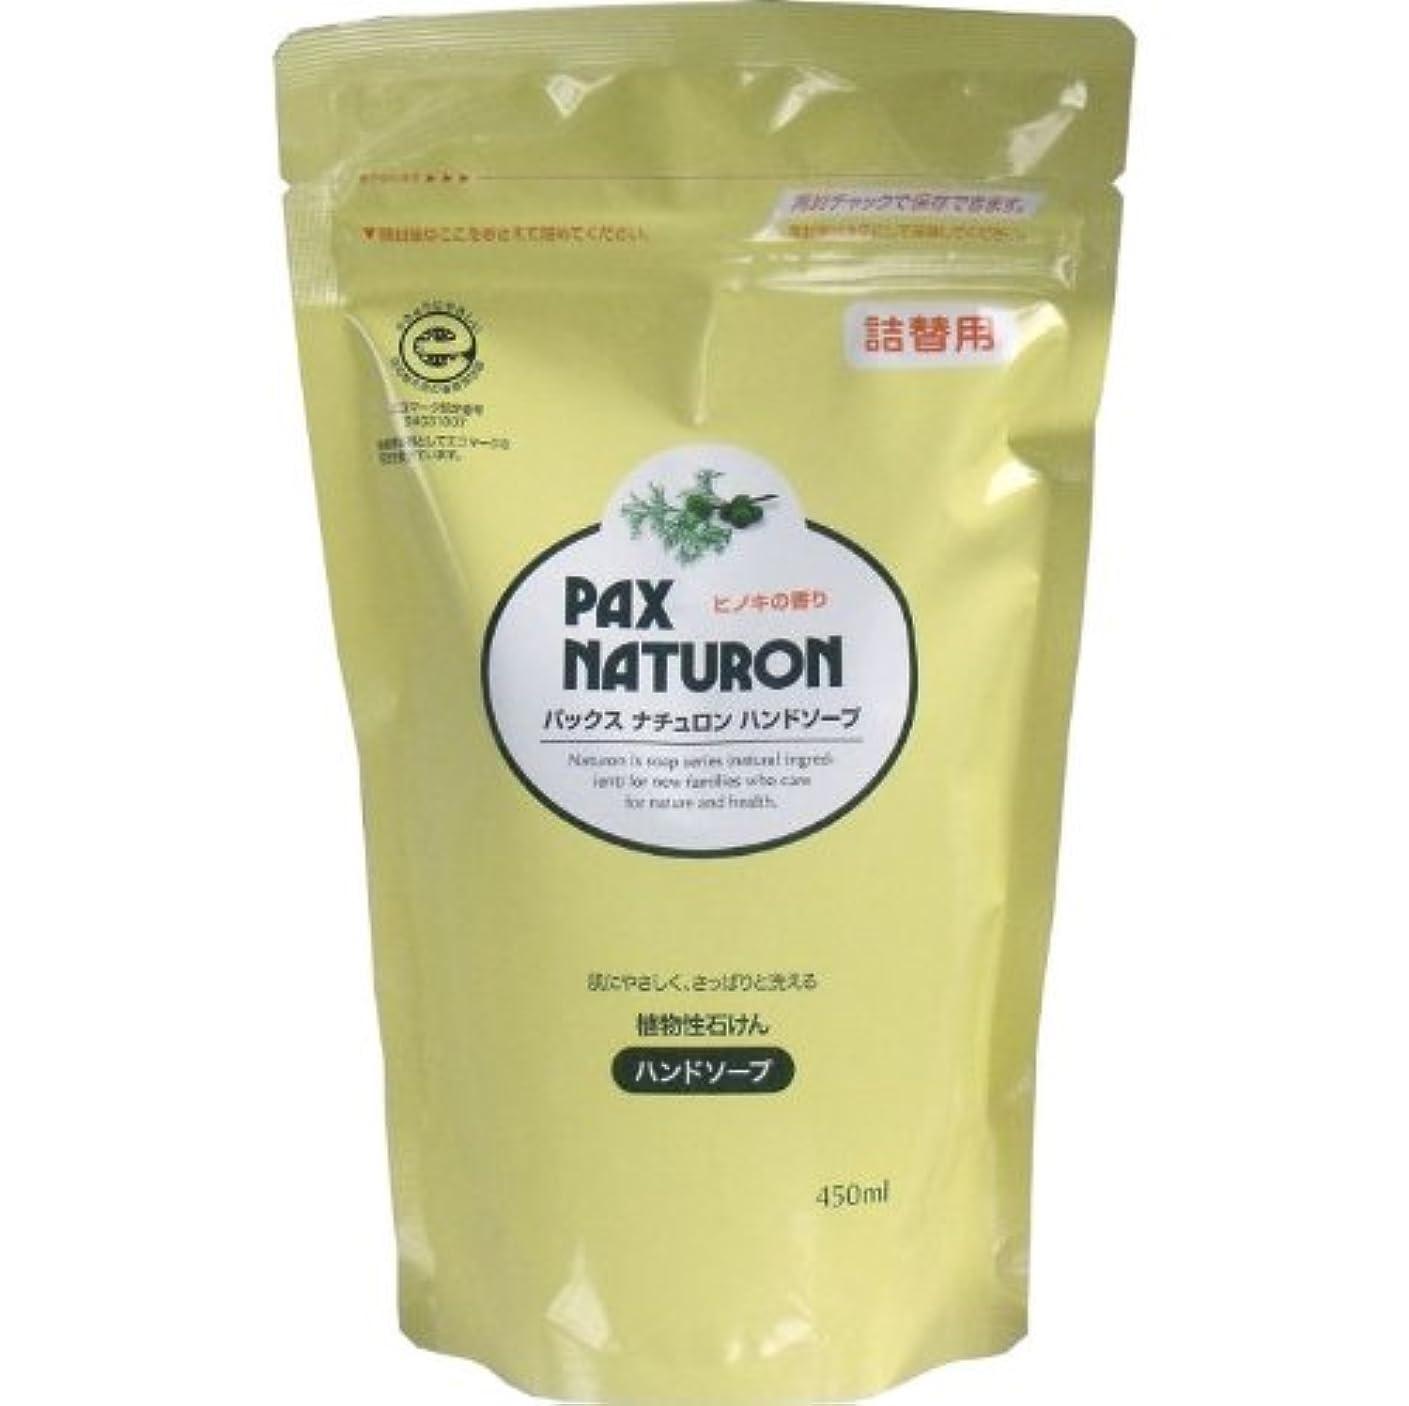 服不当ロマンス肌にやさしく、さっぱりと洗える植物性石けん!植物性ハンドソープ 詰替用 450mL【3個セット】